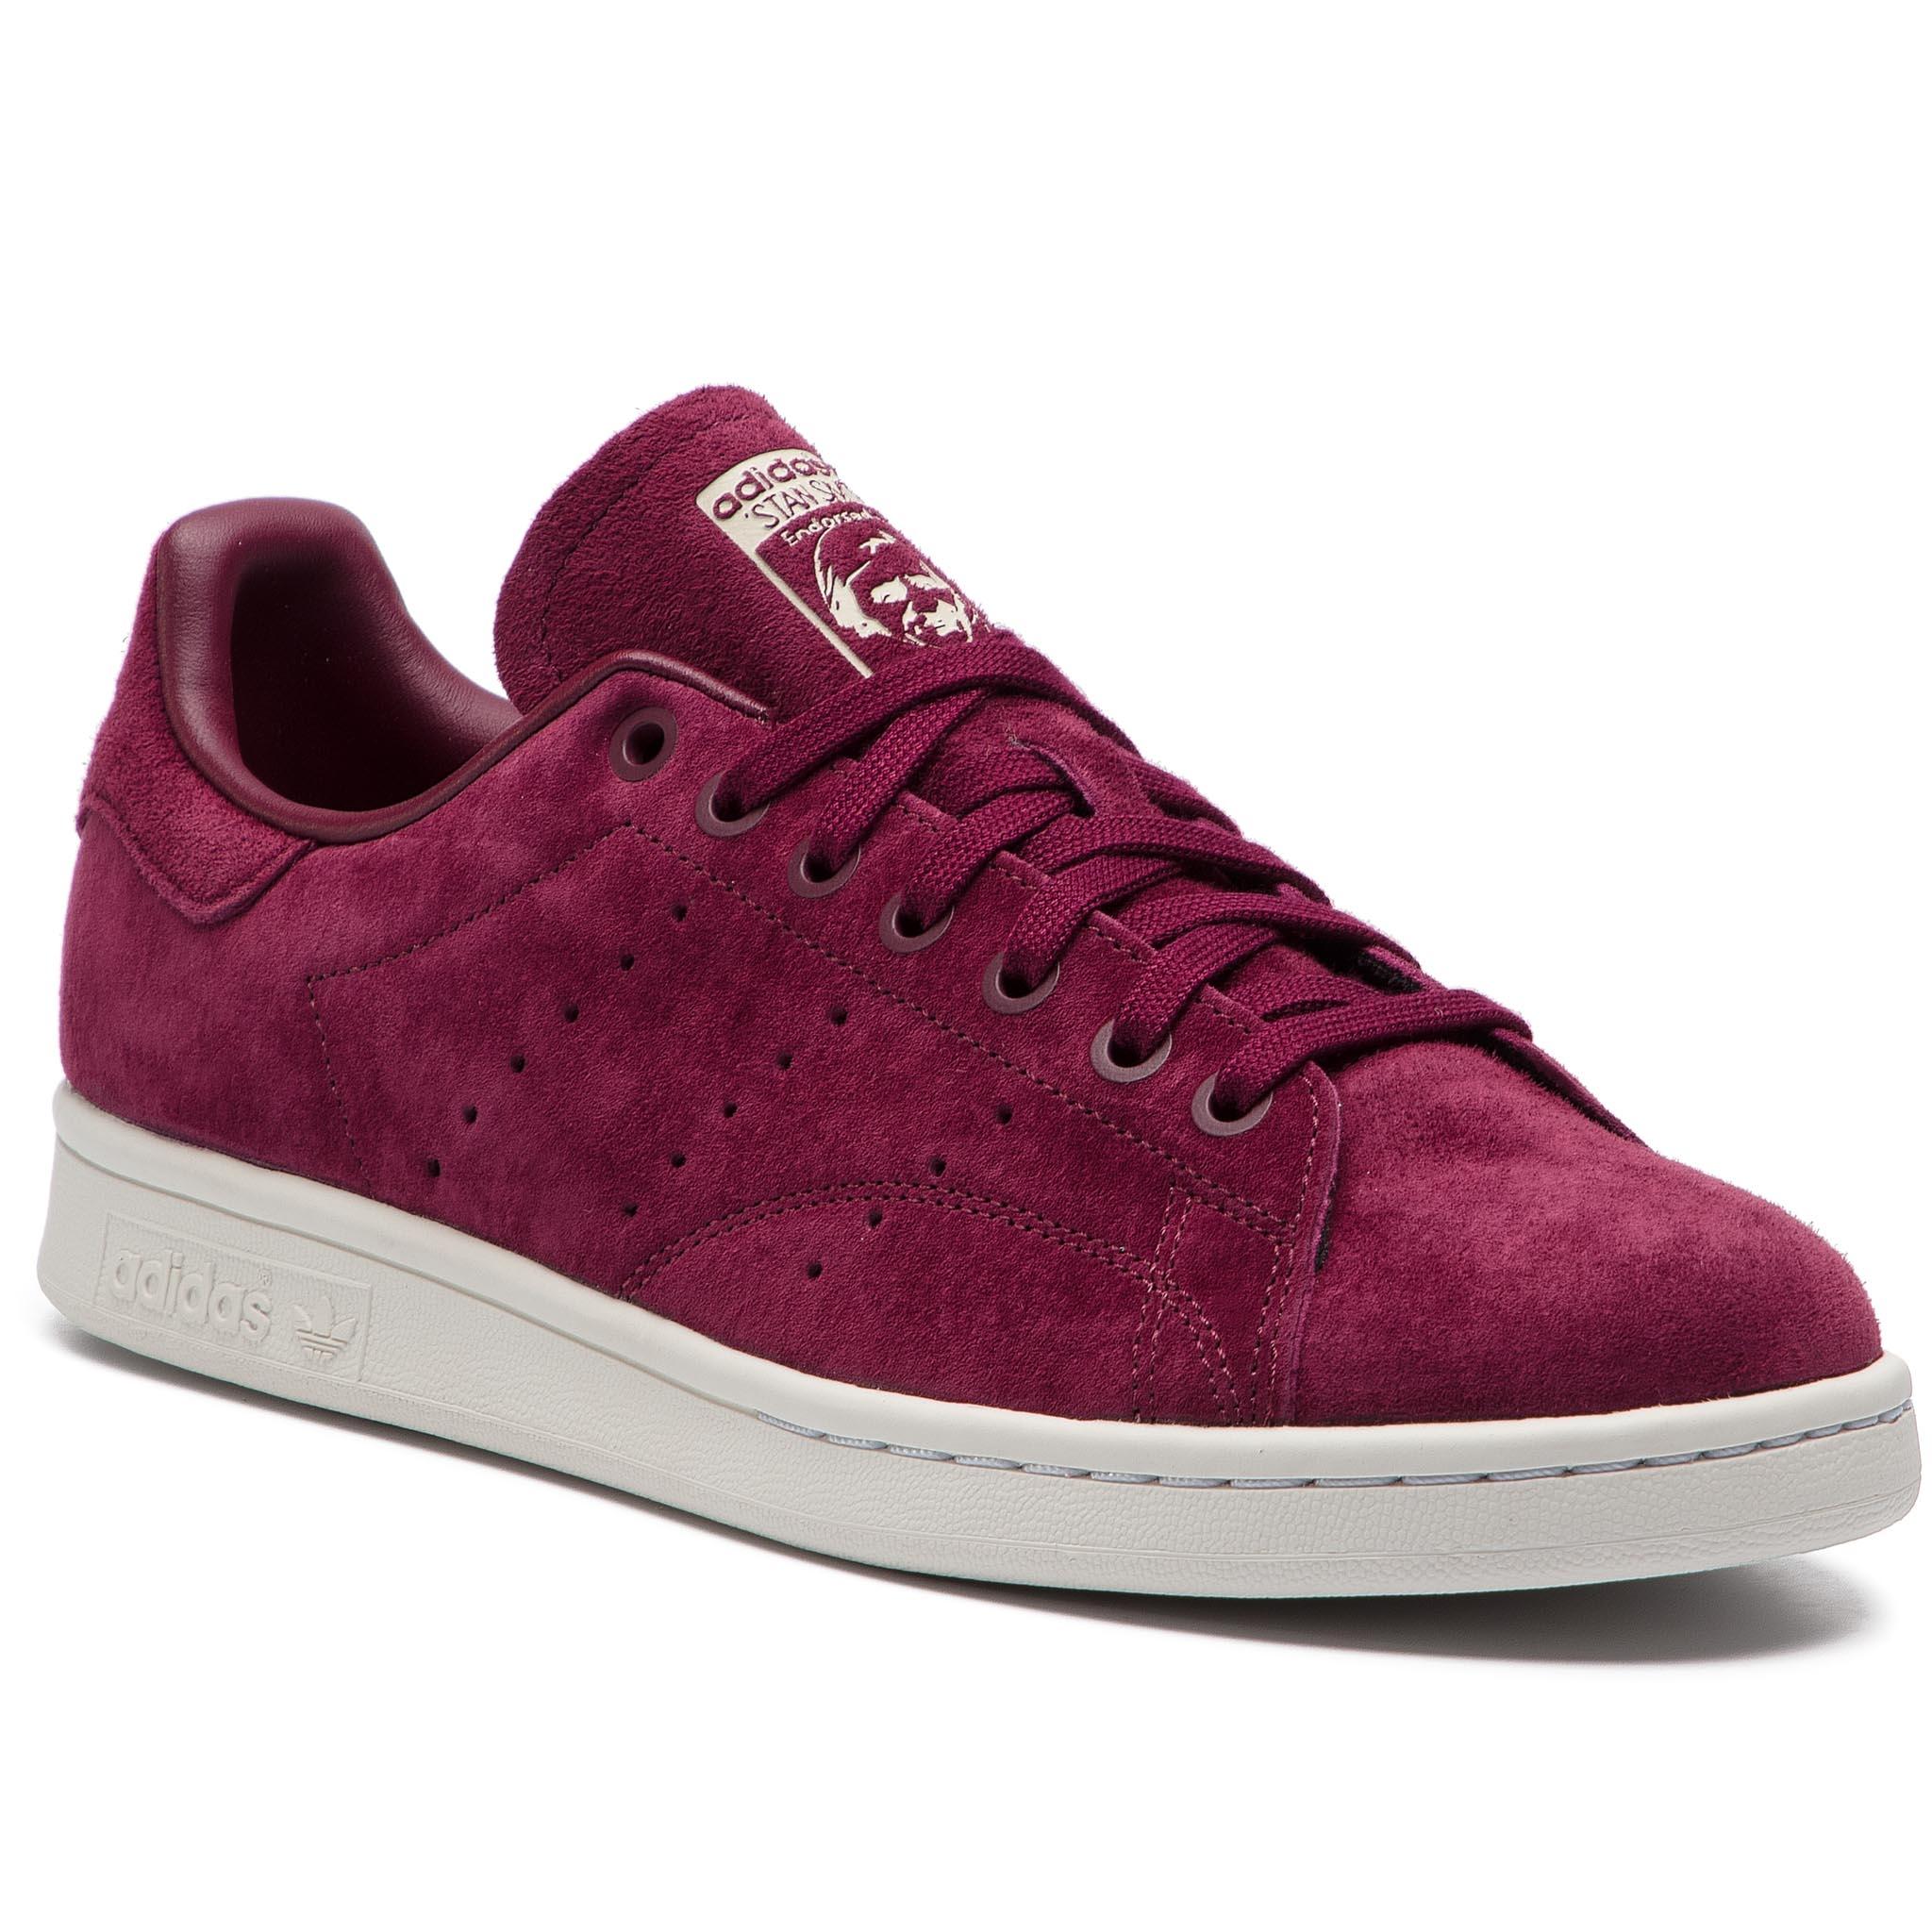 8bfe4a2cc5f Παπούτσια adidas - Stan Smith DB3569 Maroon/Crywht/Cbrown - Glami.gr